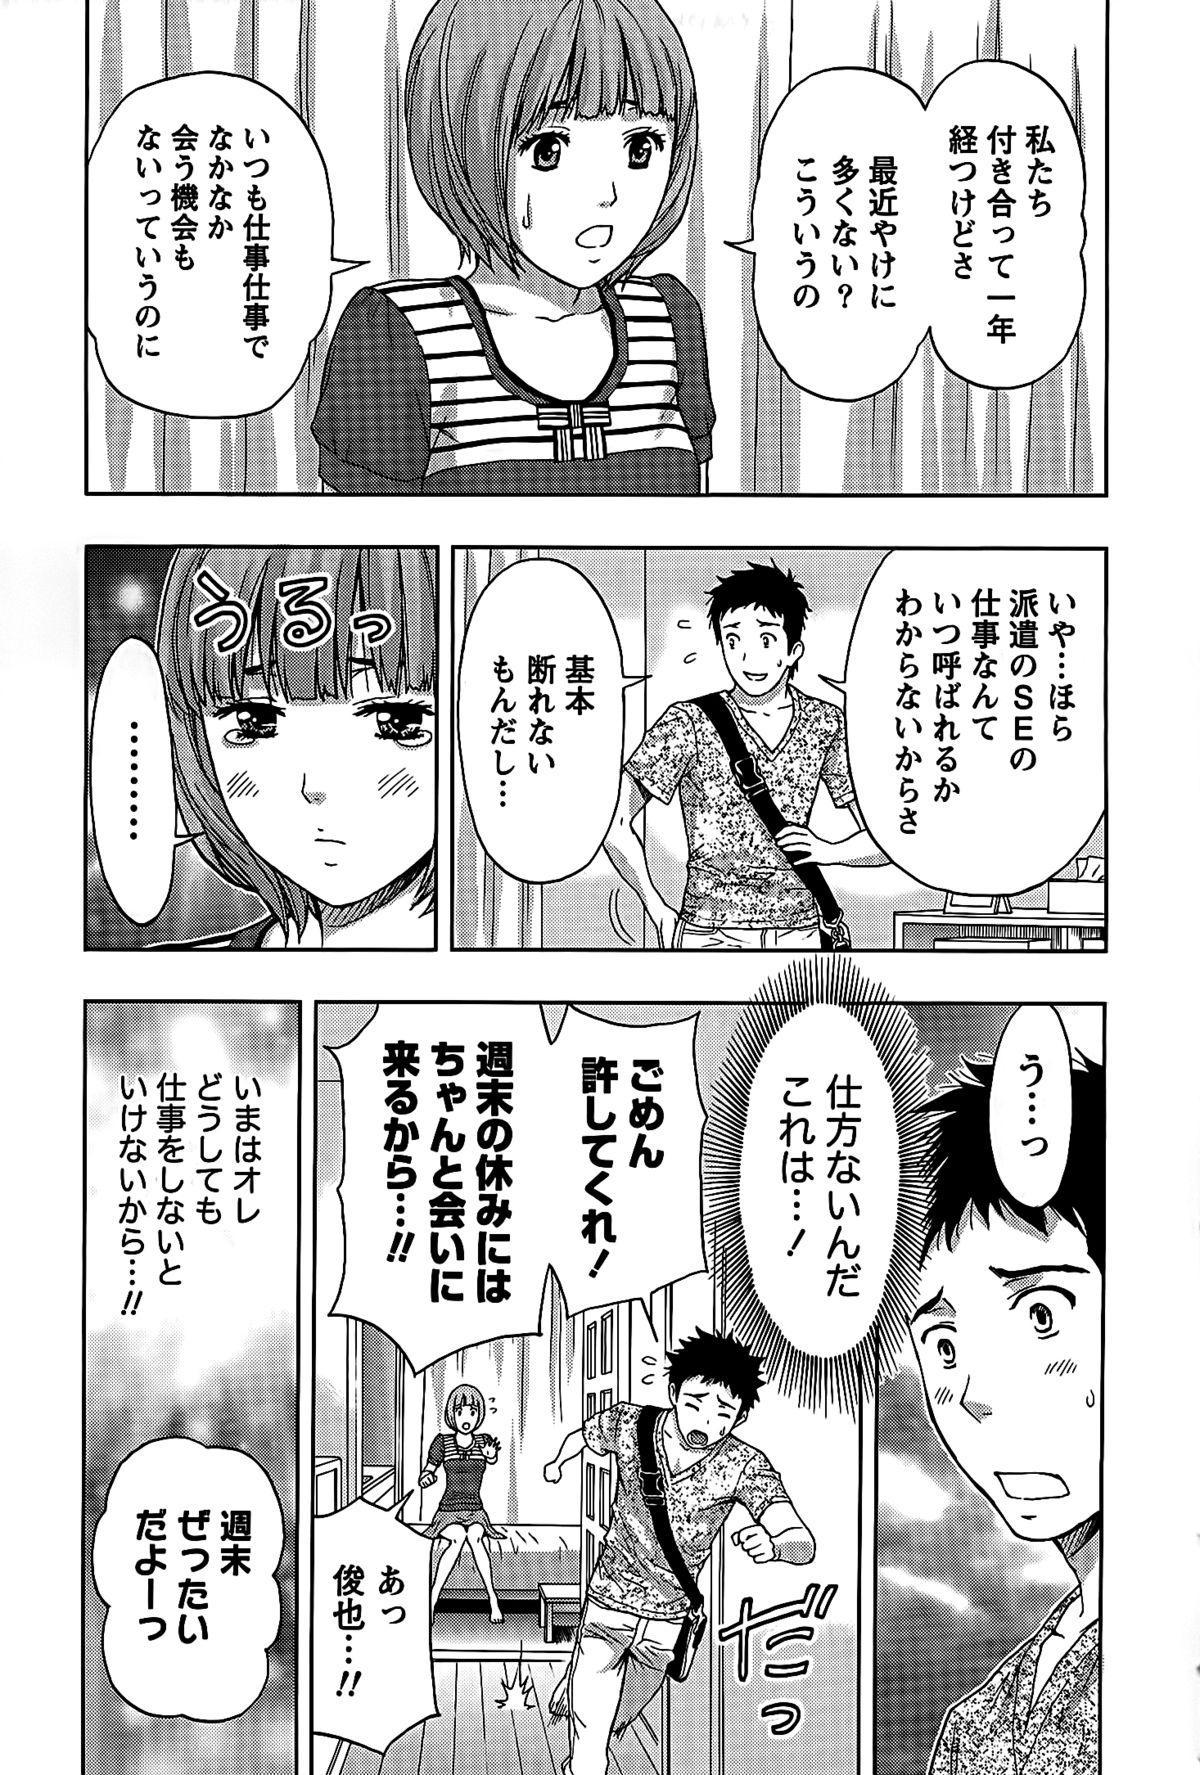 Shittori Lady to Amai Mitsu 173